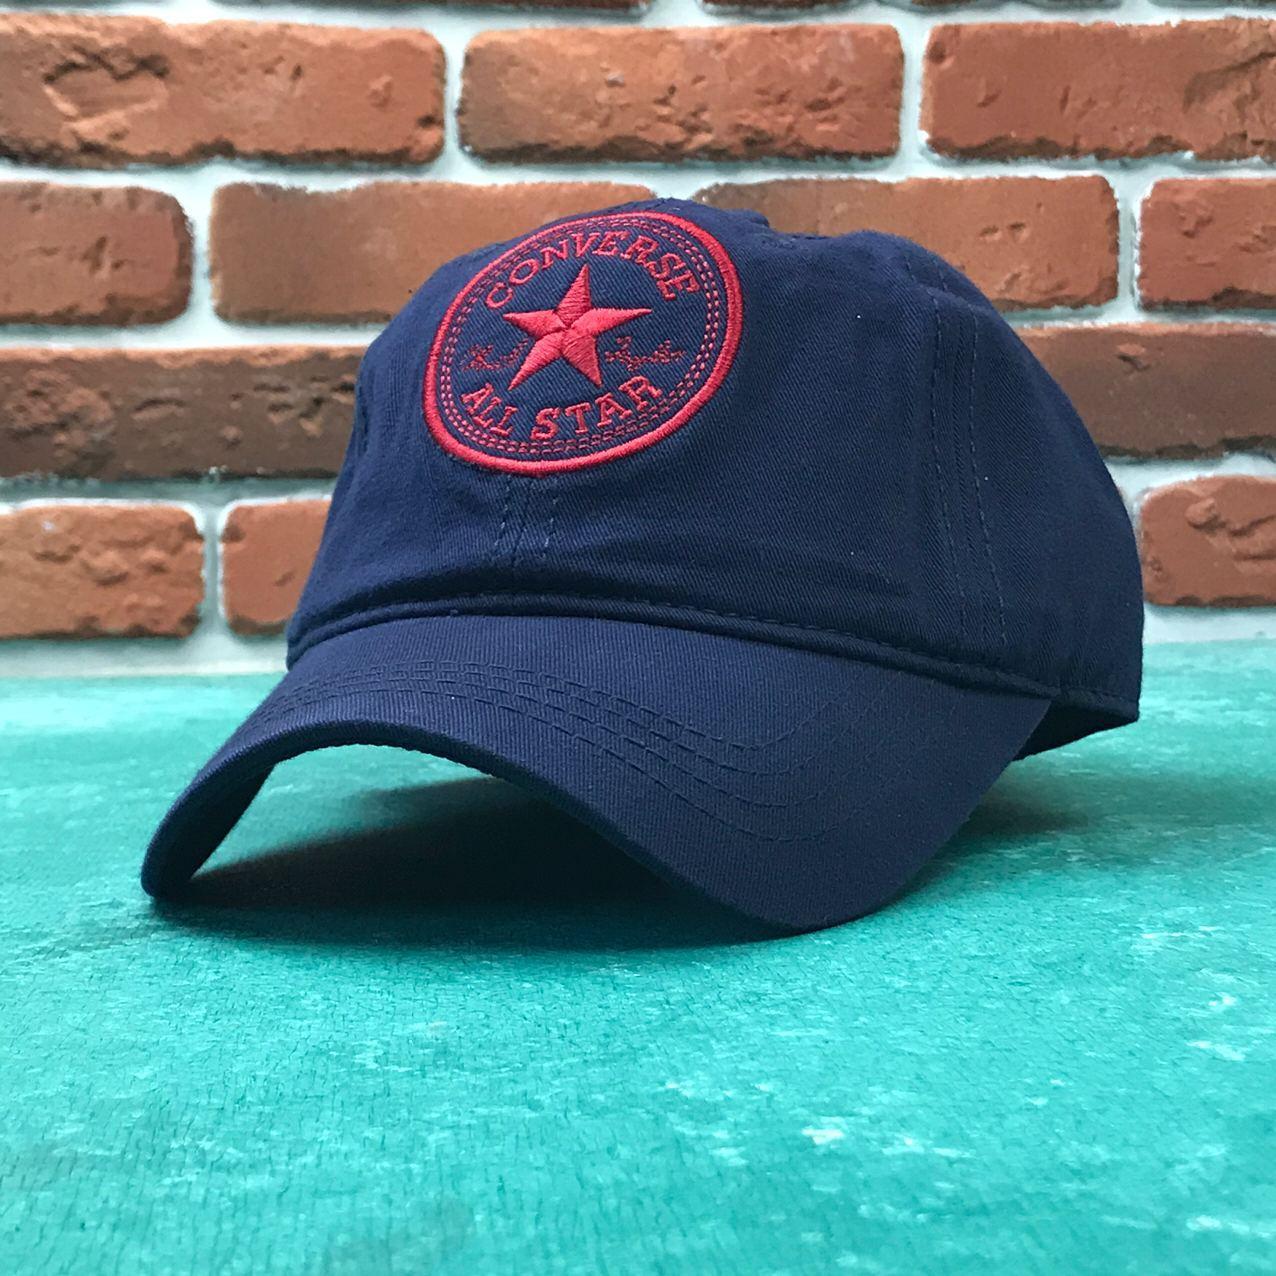 Кепка бейсболка Converse (Cиняя)